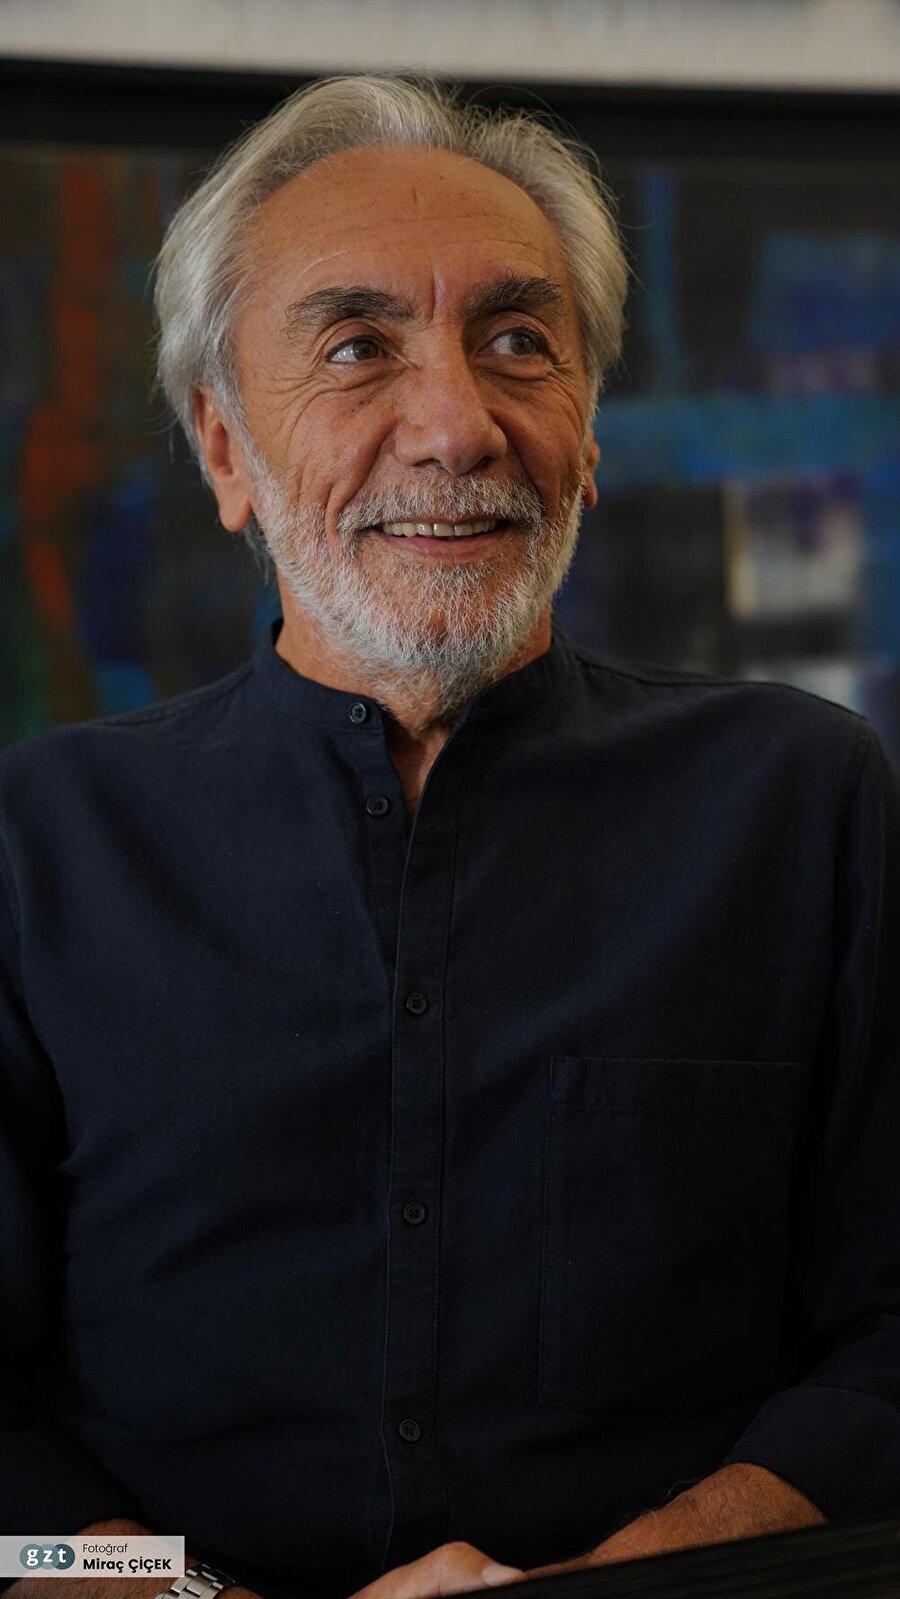 1978 yılında Ege Üniversitesi Güzel Sanatlar Fakültesi Mimarlık Bölümünü bitirdi.